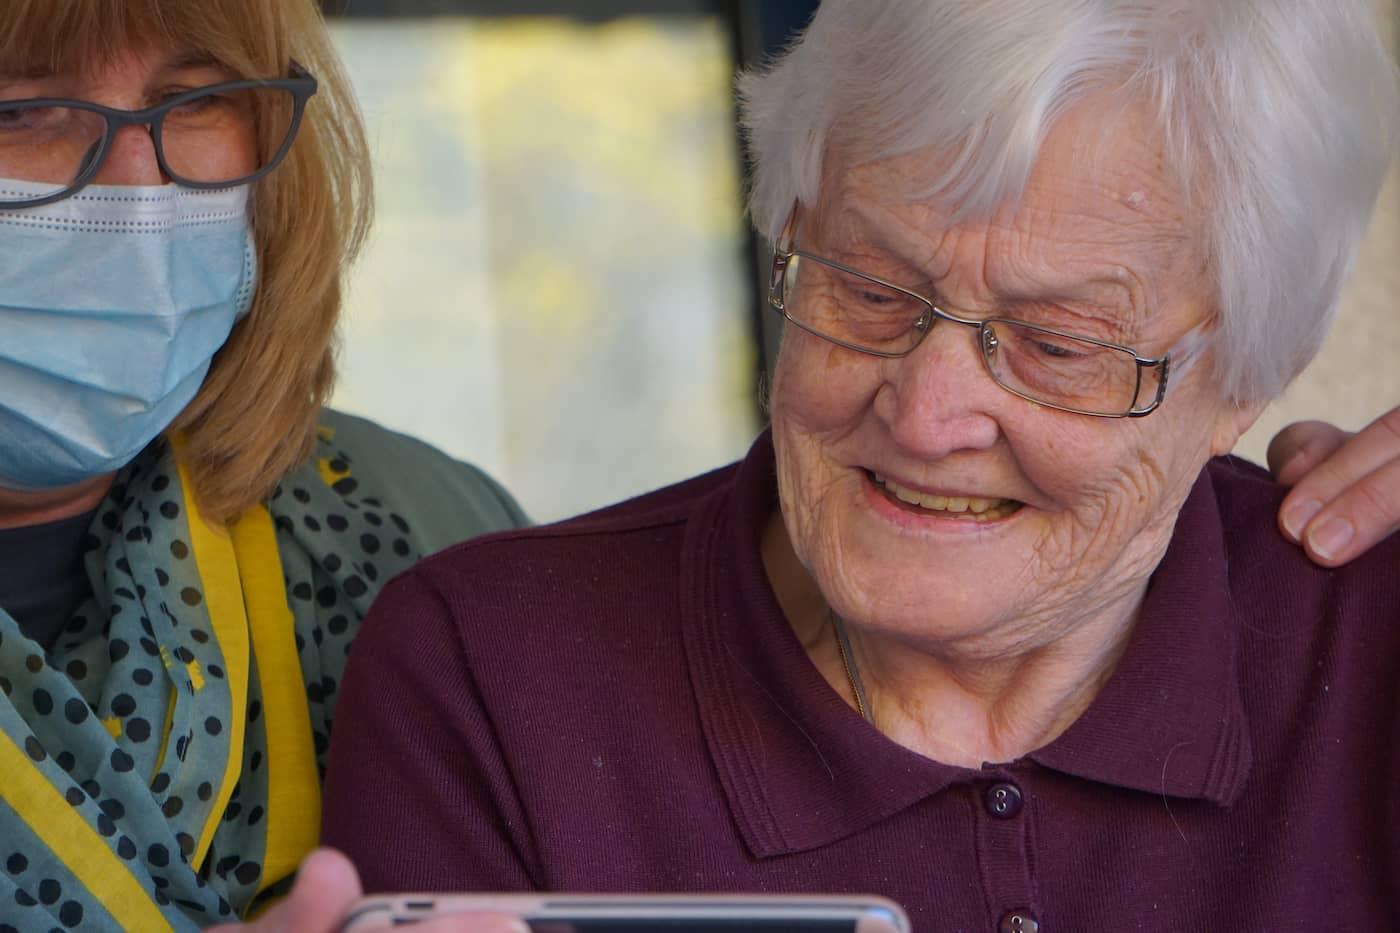 An informal caregiver helps an older women watch a video on an iPhone